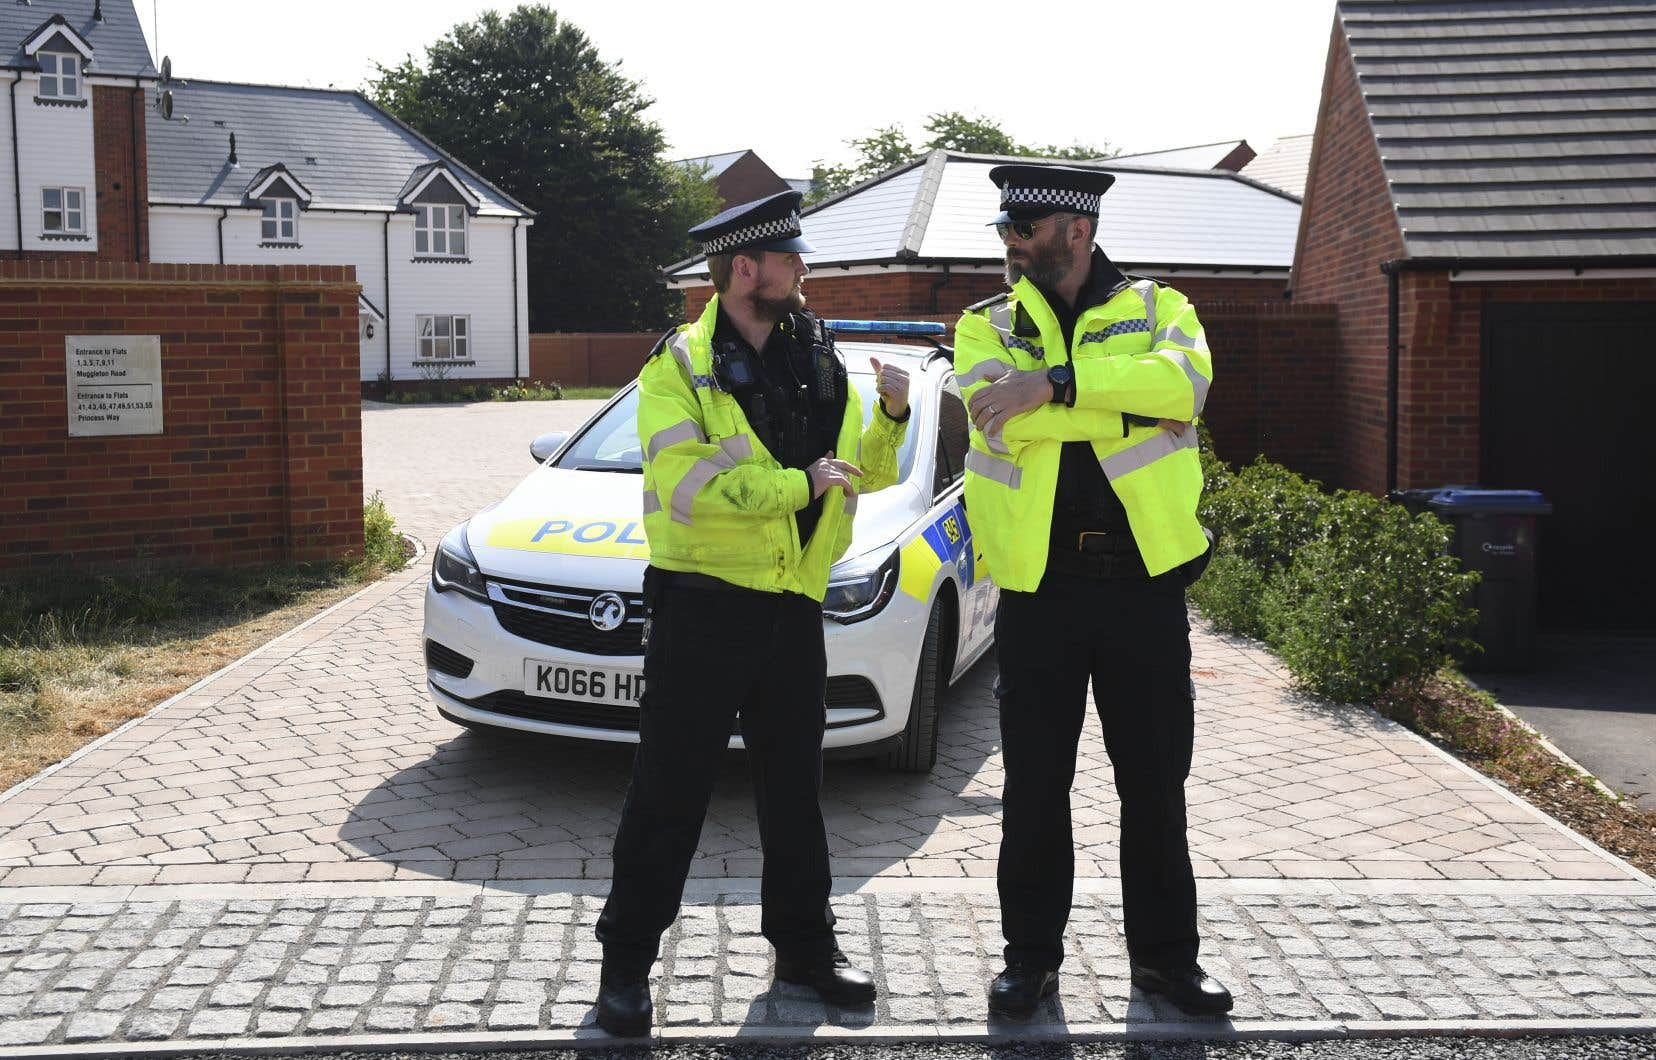 Des policiers montent la garde devant la résidence où un homme et une femme ont été retrouvés inconscients.